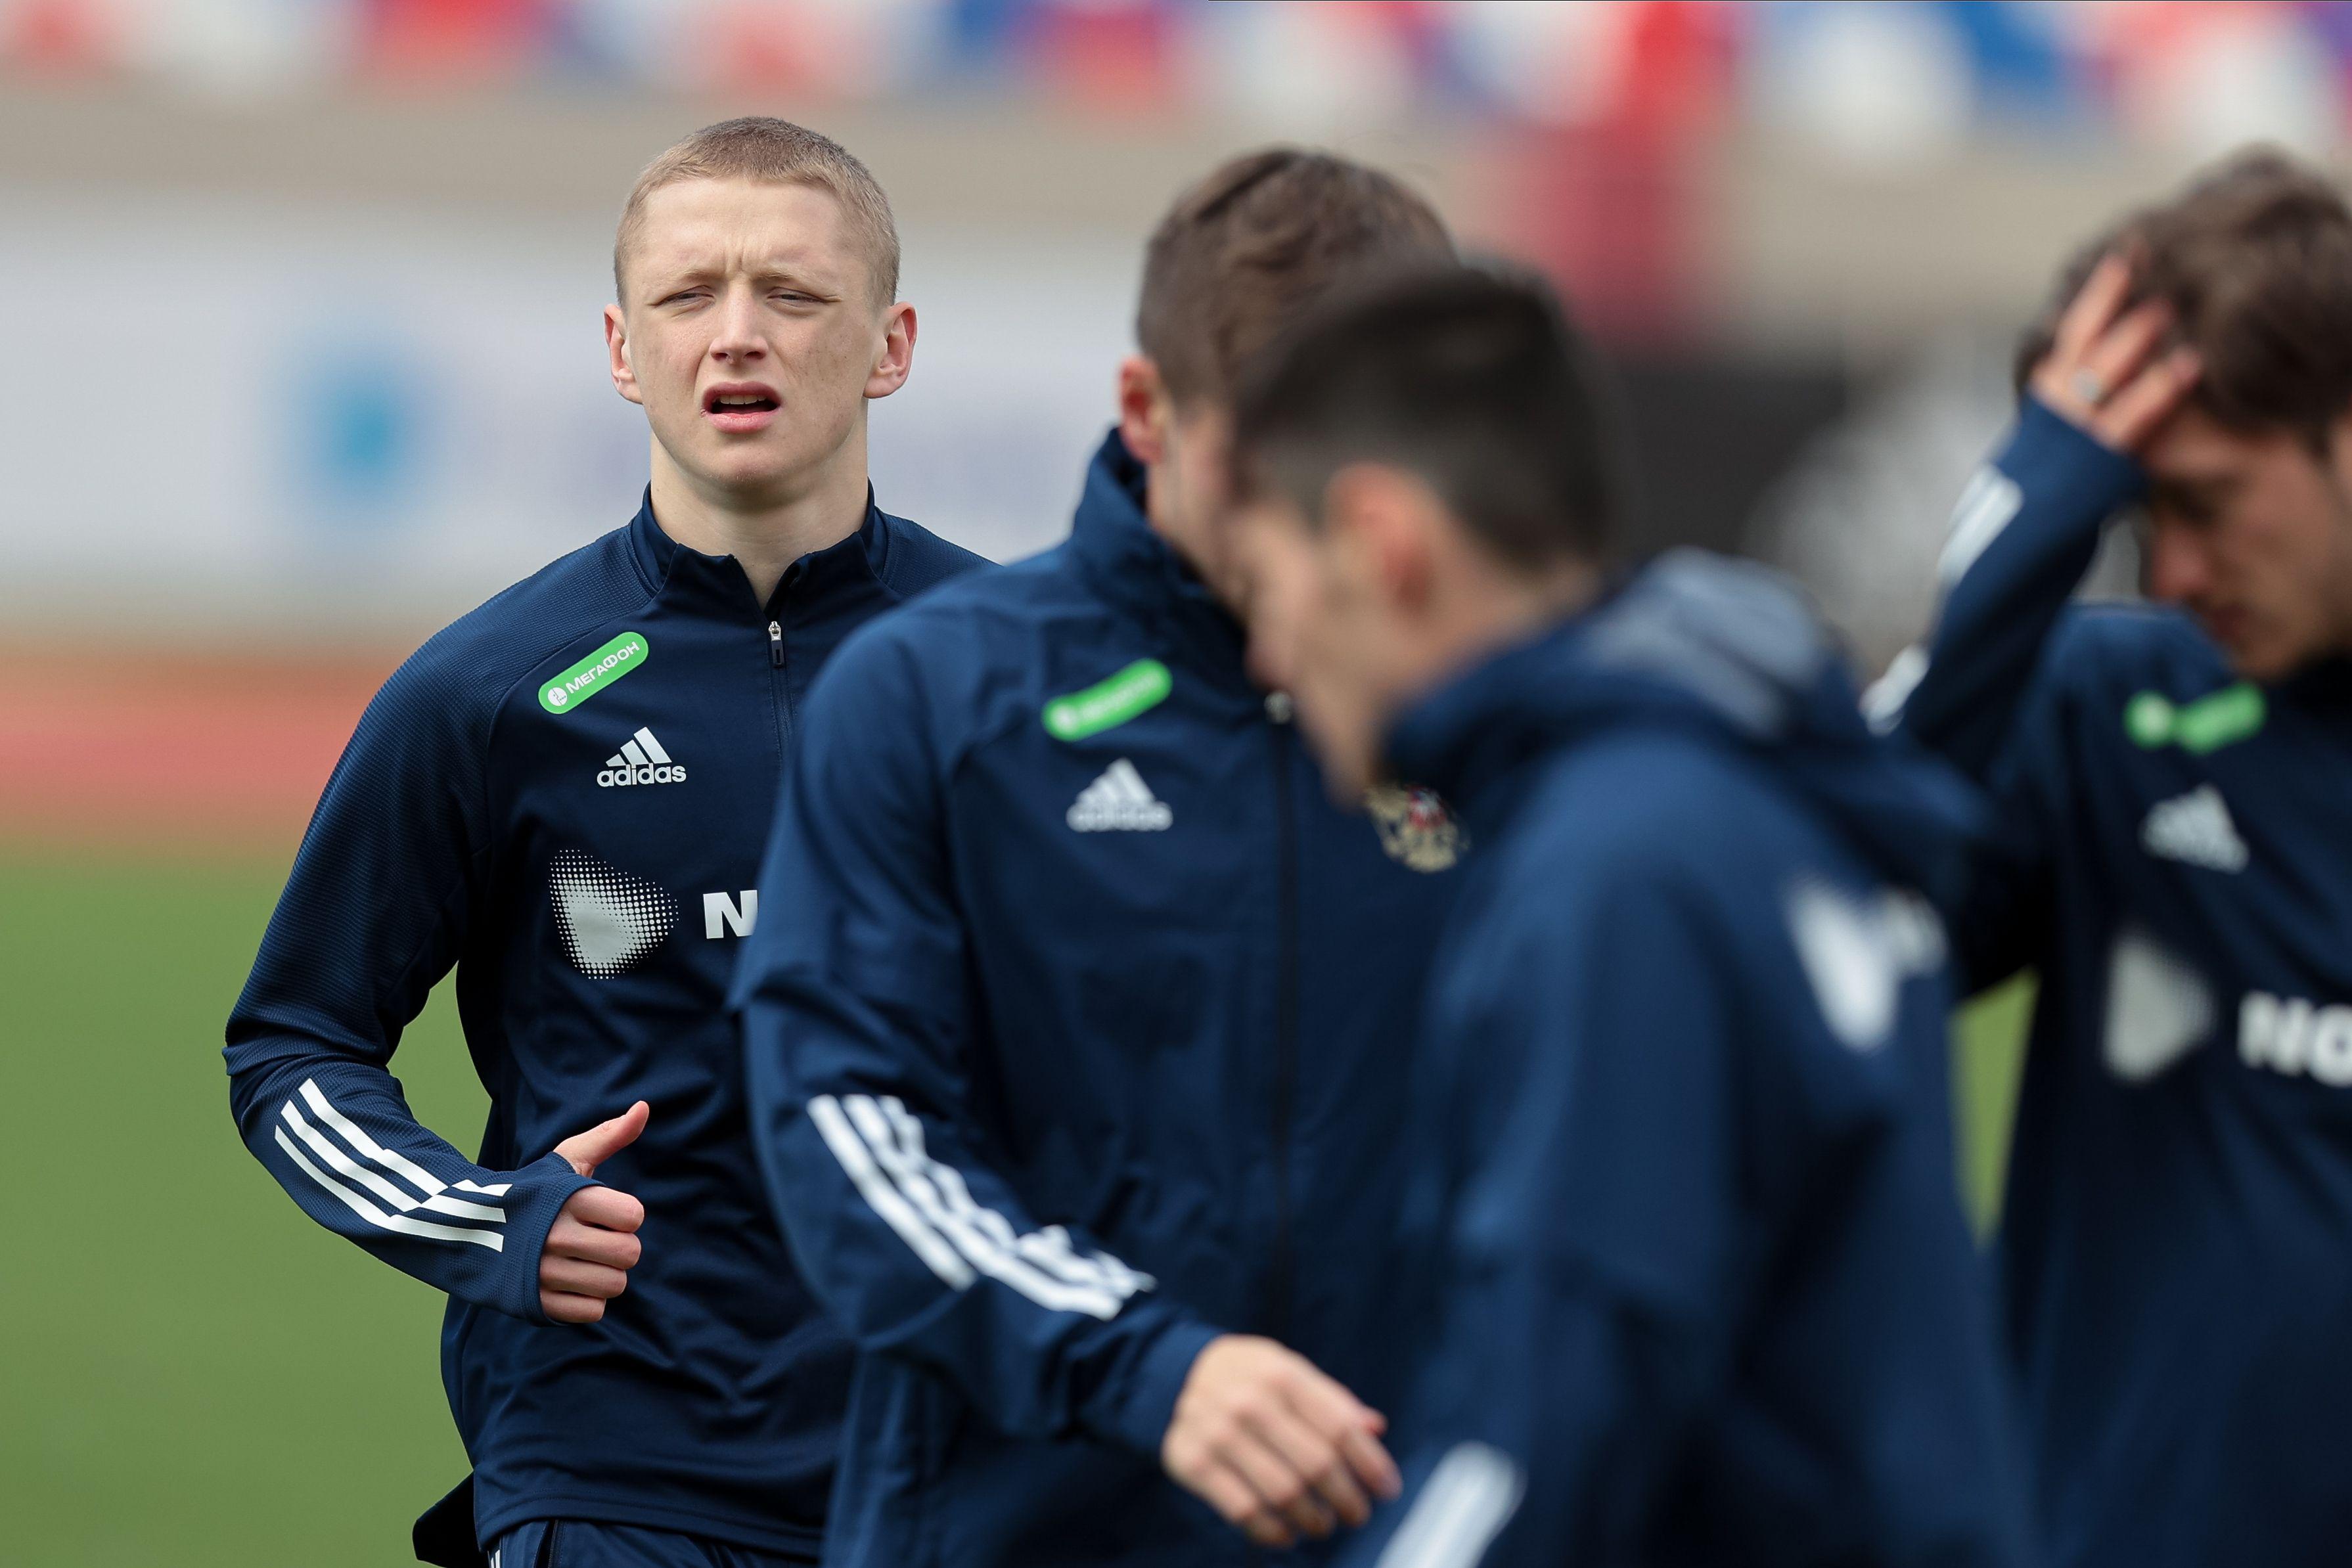 Сборная России прилетела в Словакию на матч квалификации ЧМ-2022